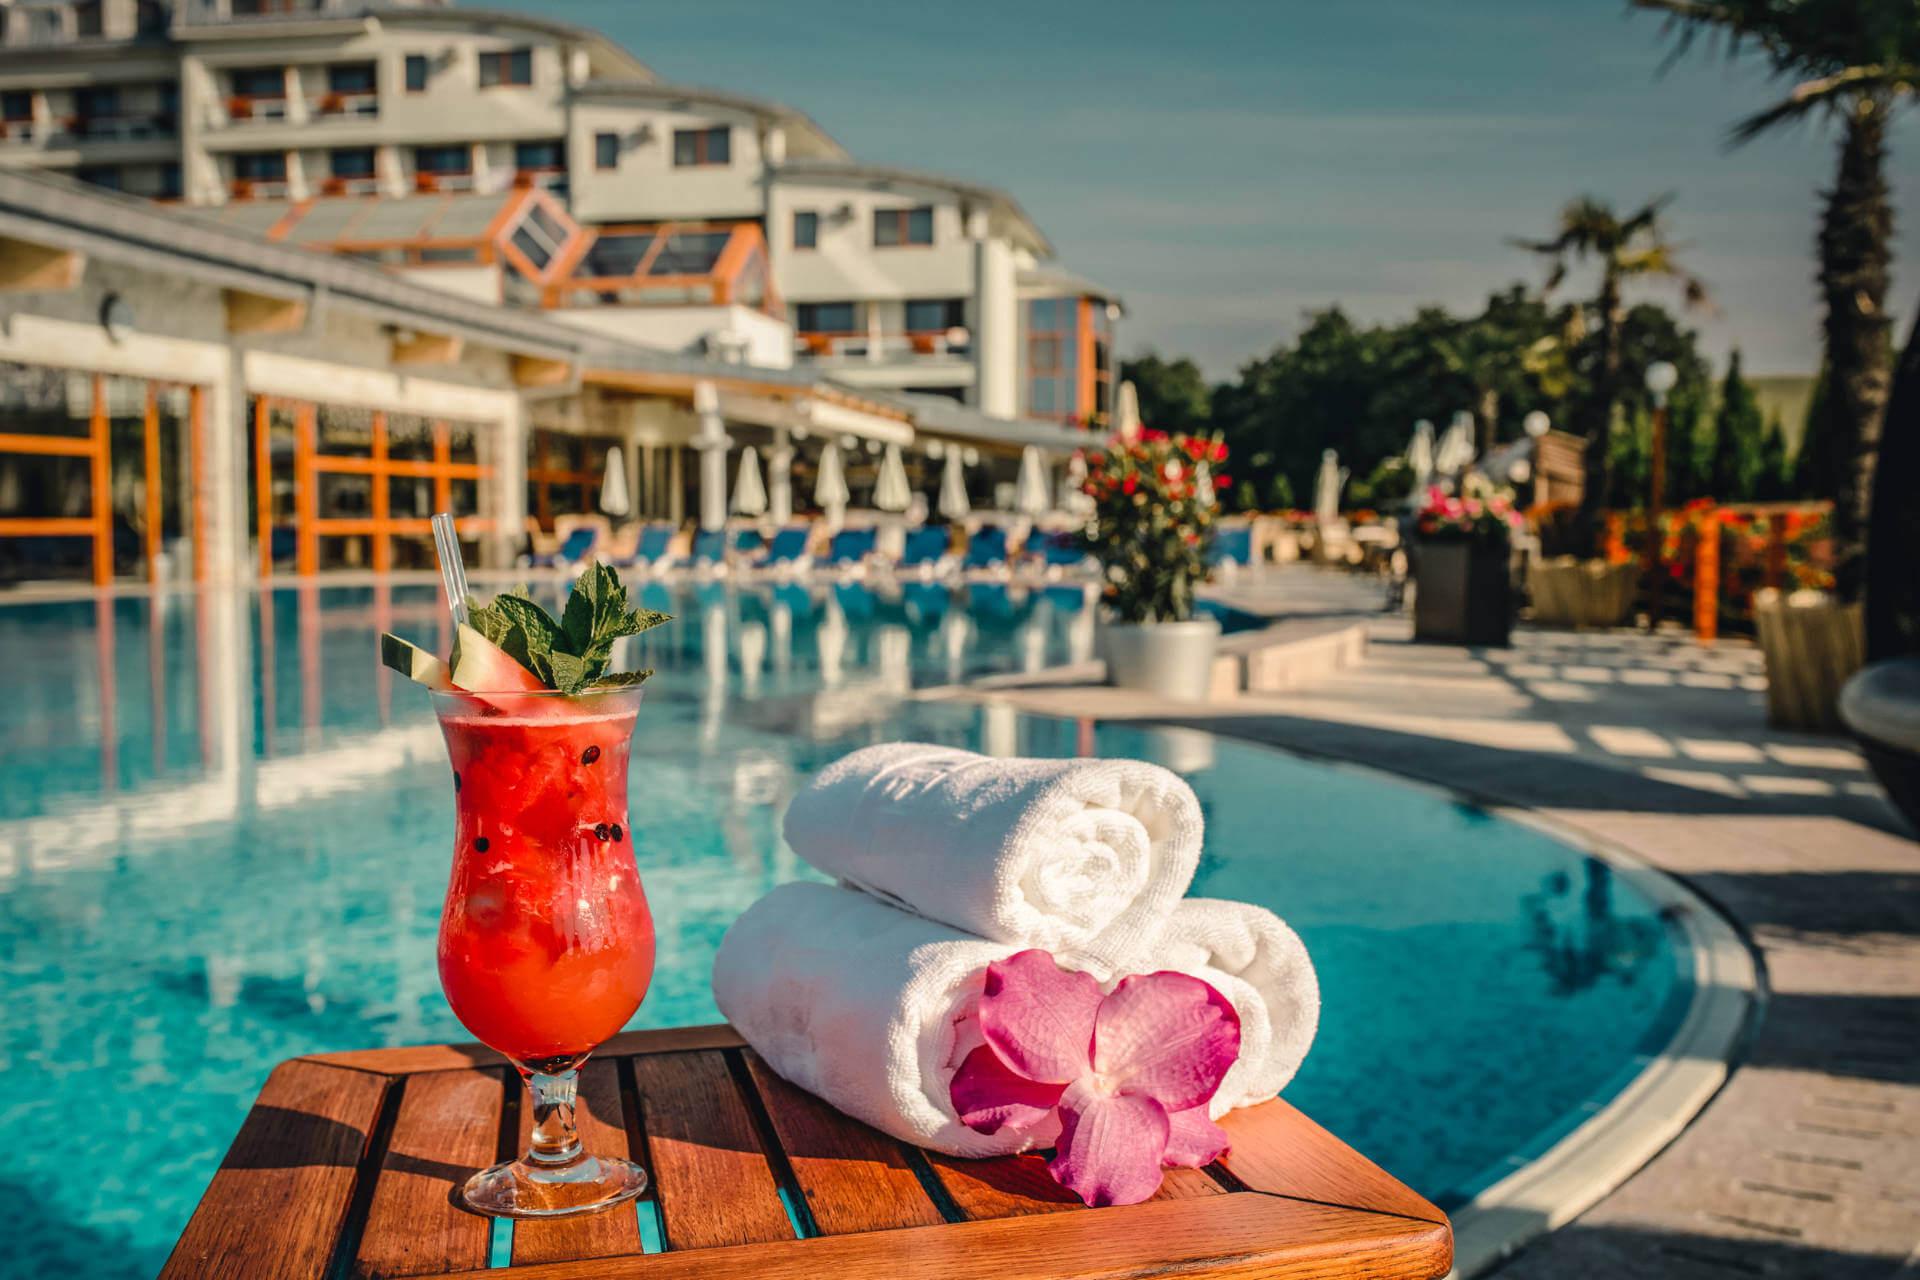 Vonkajší bazén v resorte Kaskady s letným drinkom, nápojom